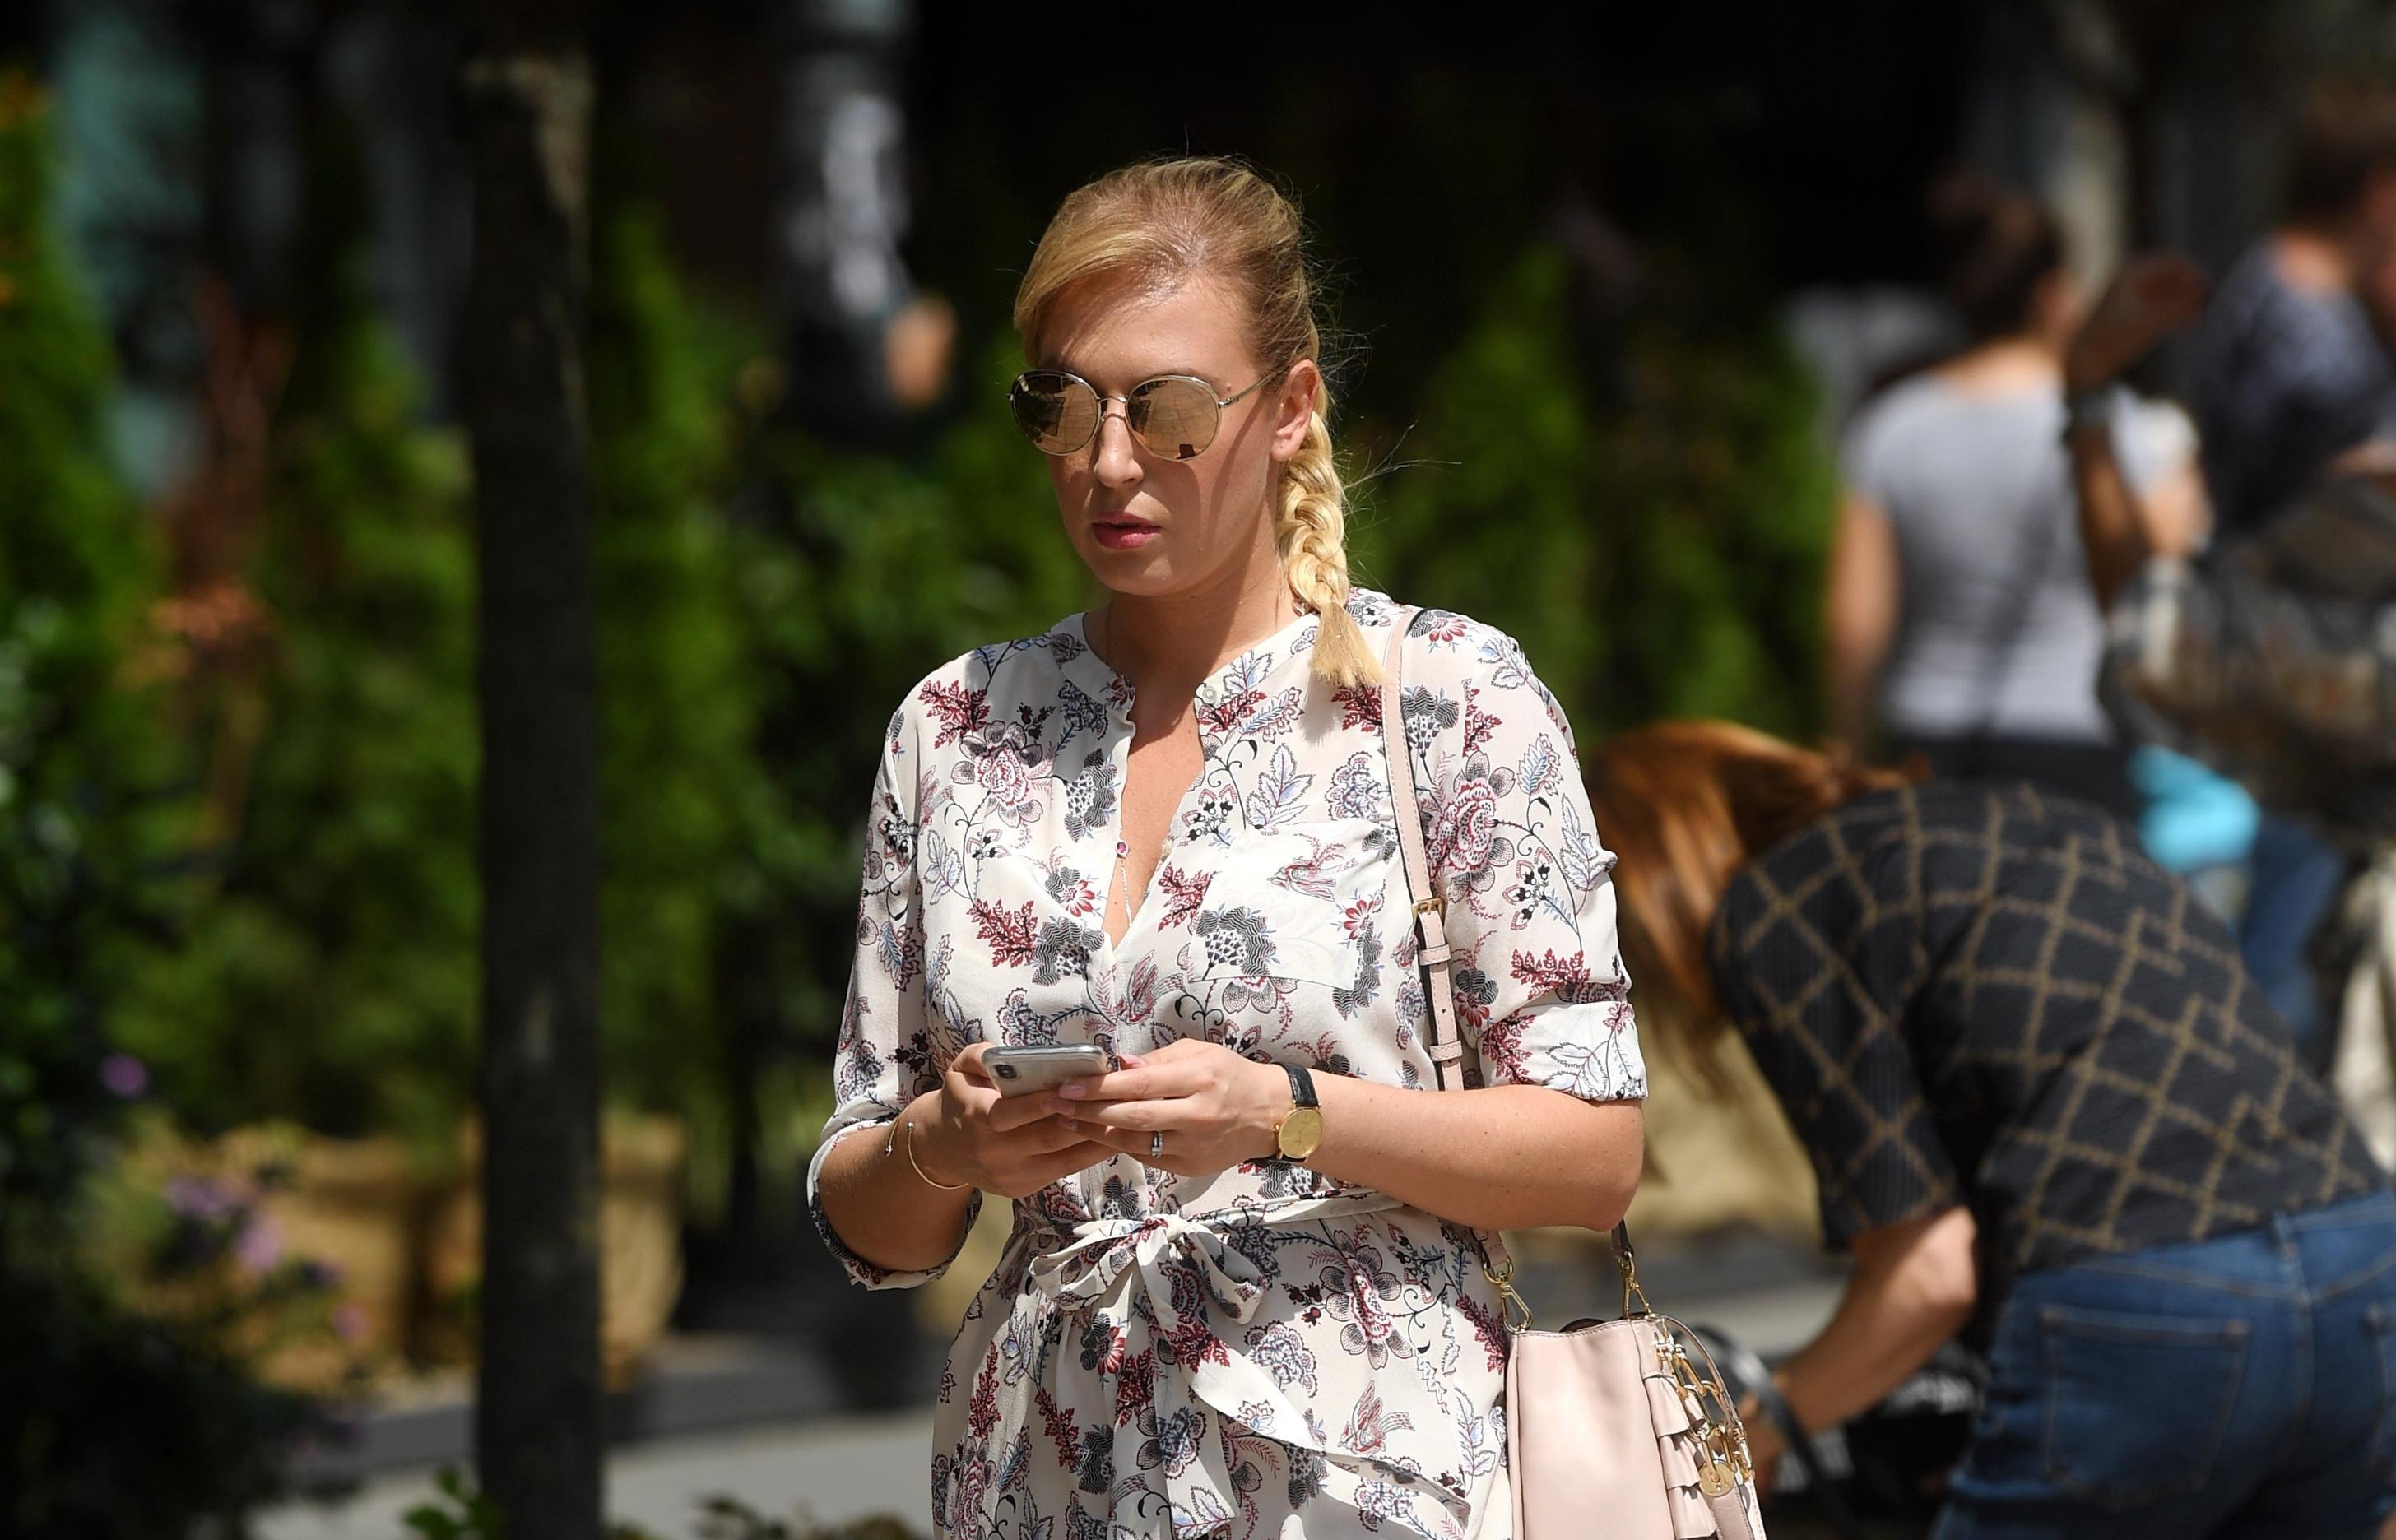 Kad vidite ovu djevojku u špagericama i ljetnoj haljini, poželjet ćete ih u svom ormaru